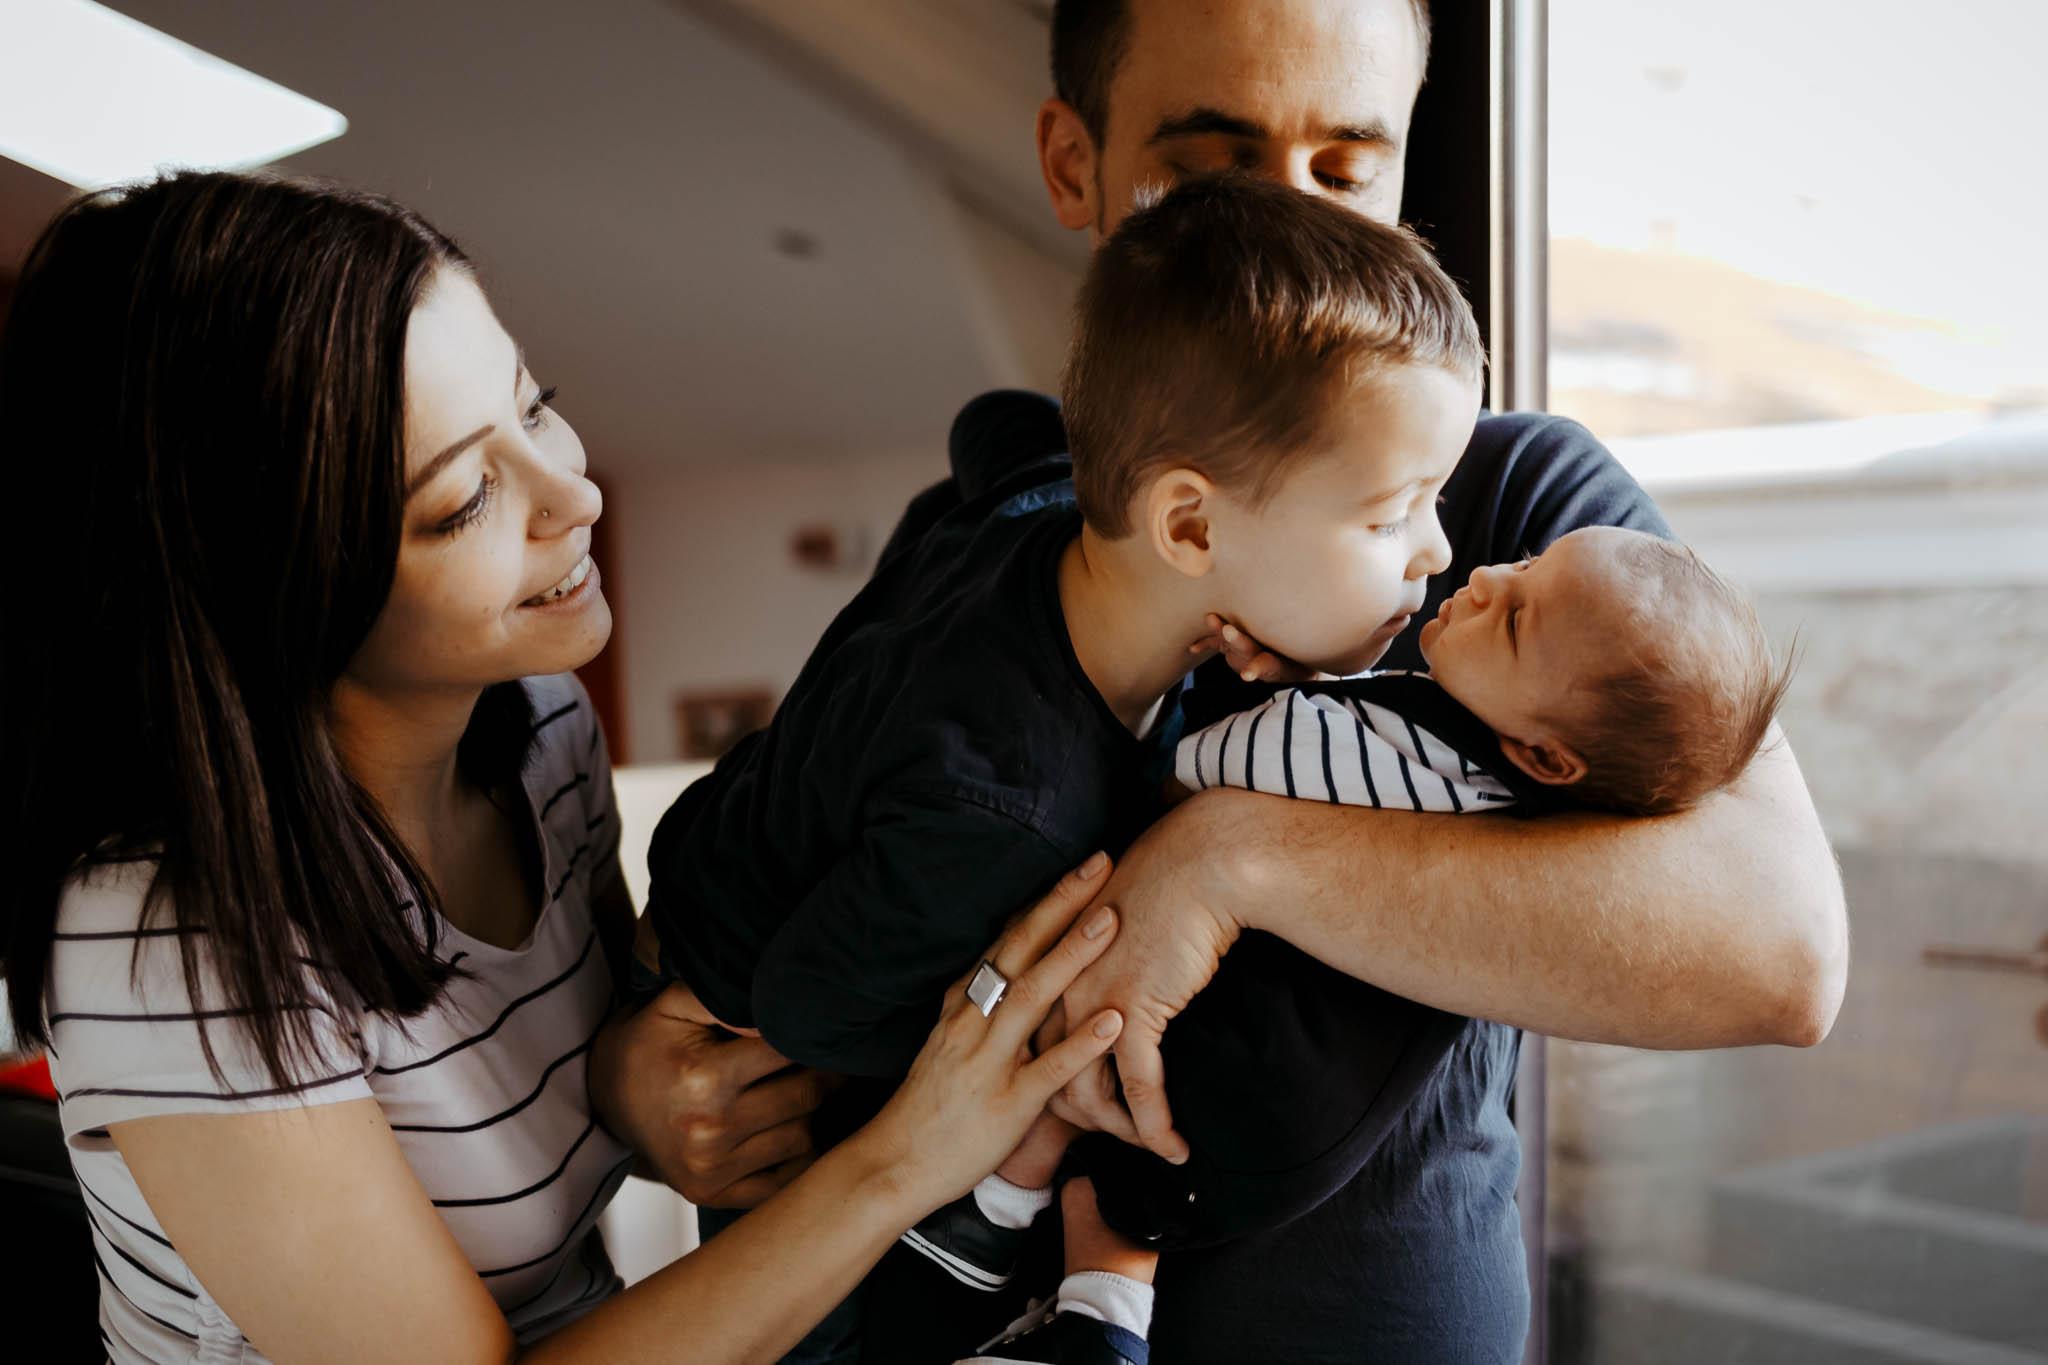 famille-bebe-loire-ingold-24.jpg